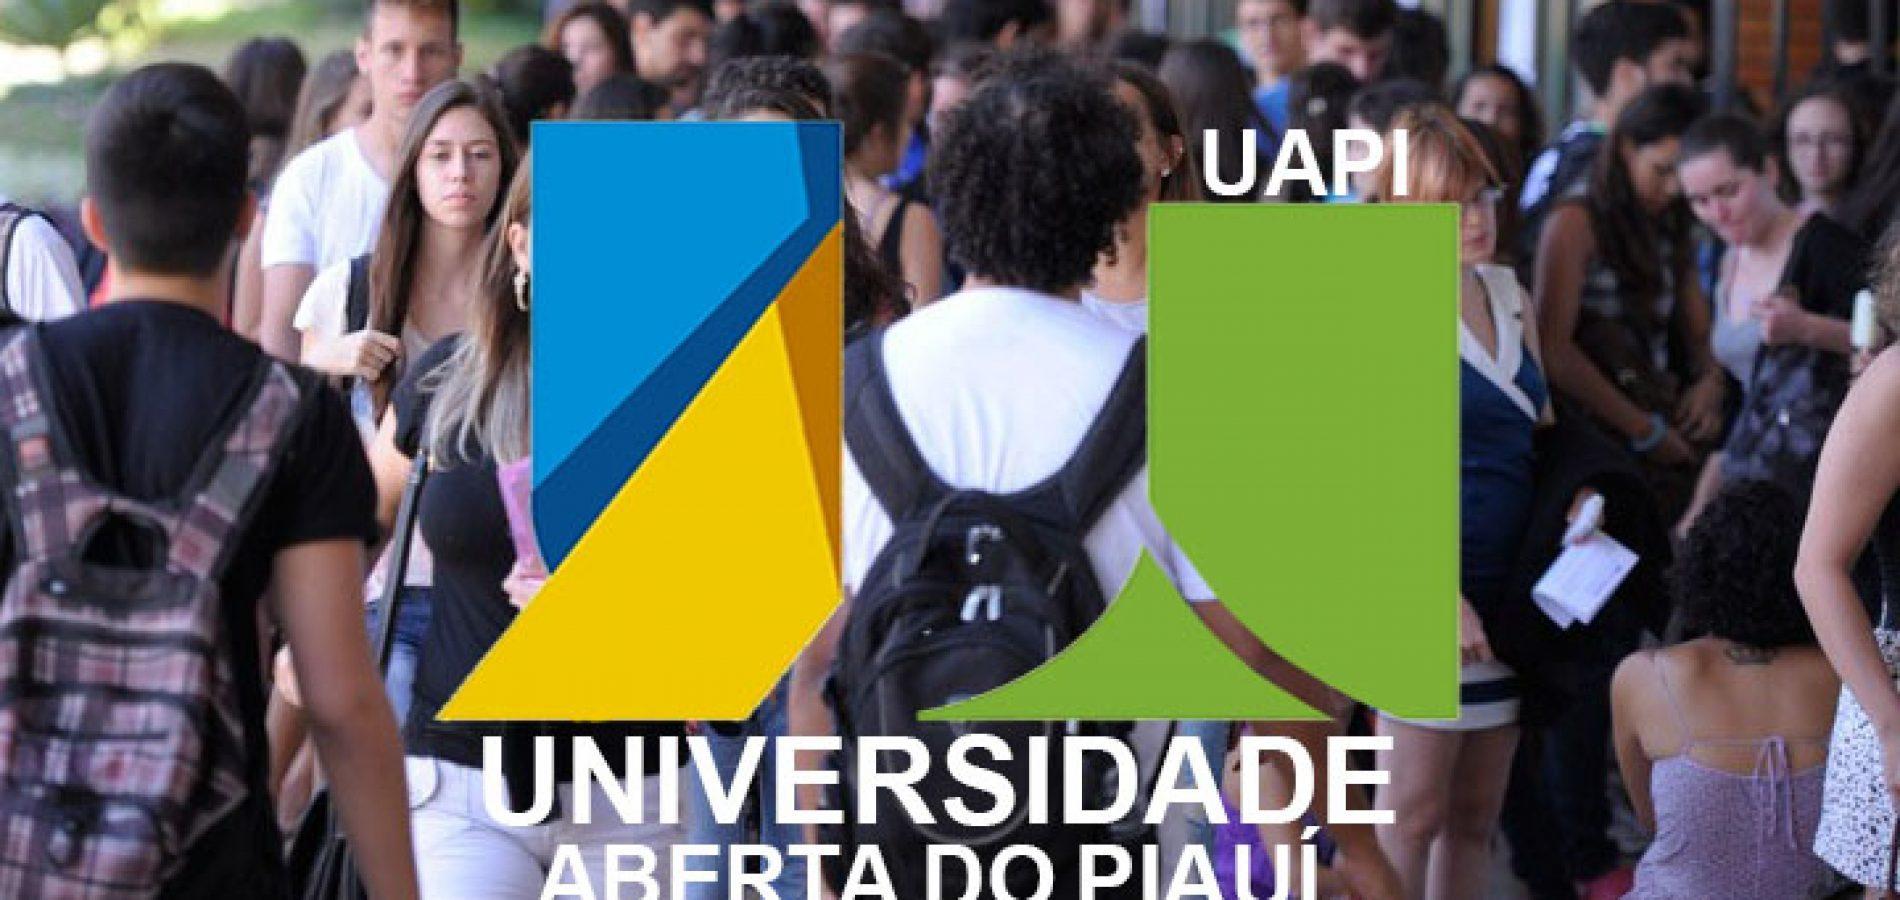 Vestibular da UAPI acontece neste domingo (22) em 17 cidades